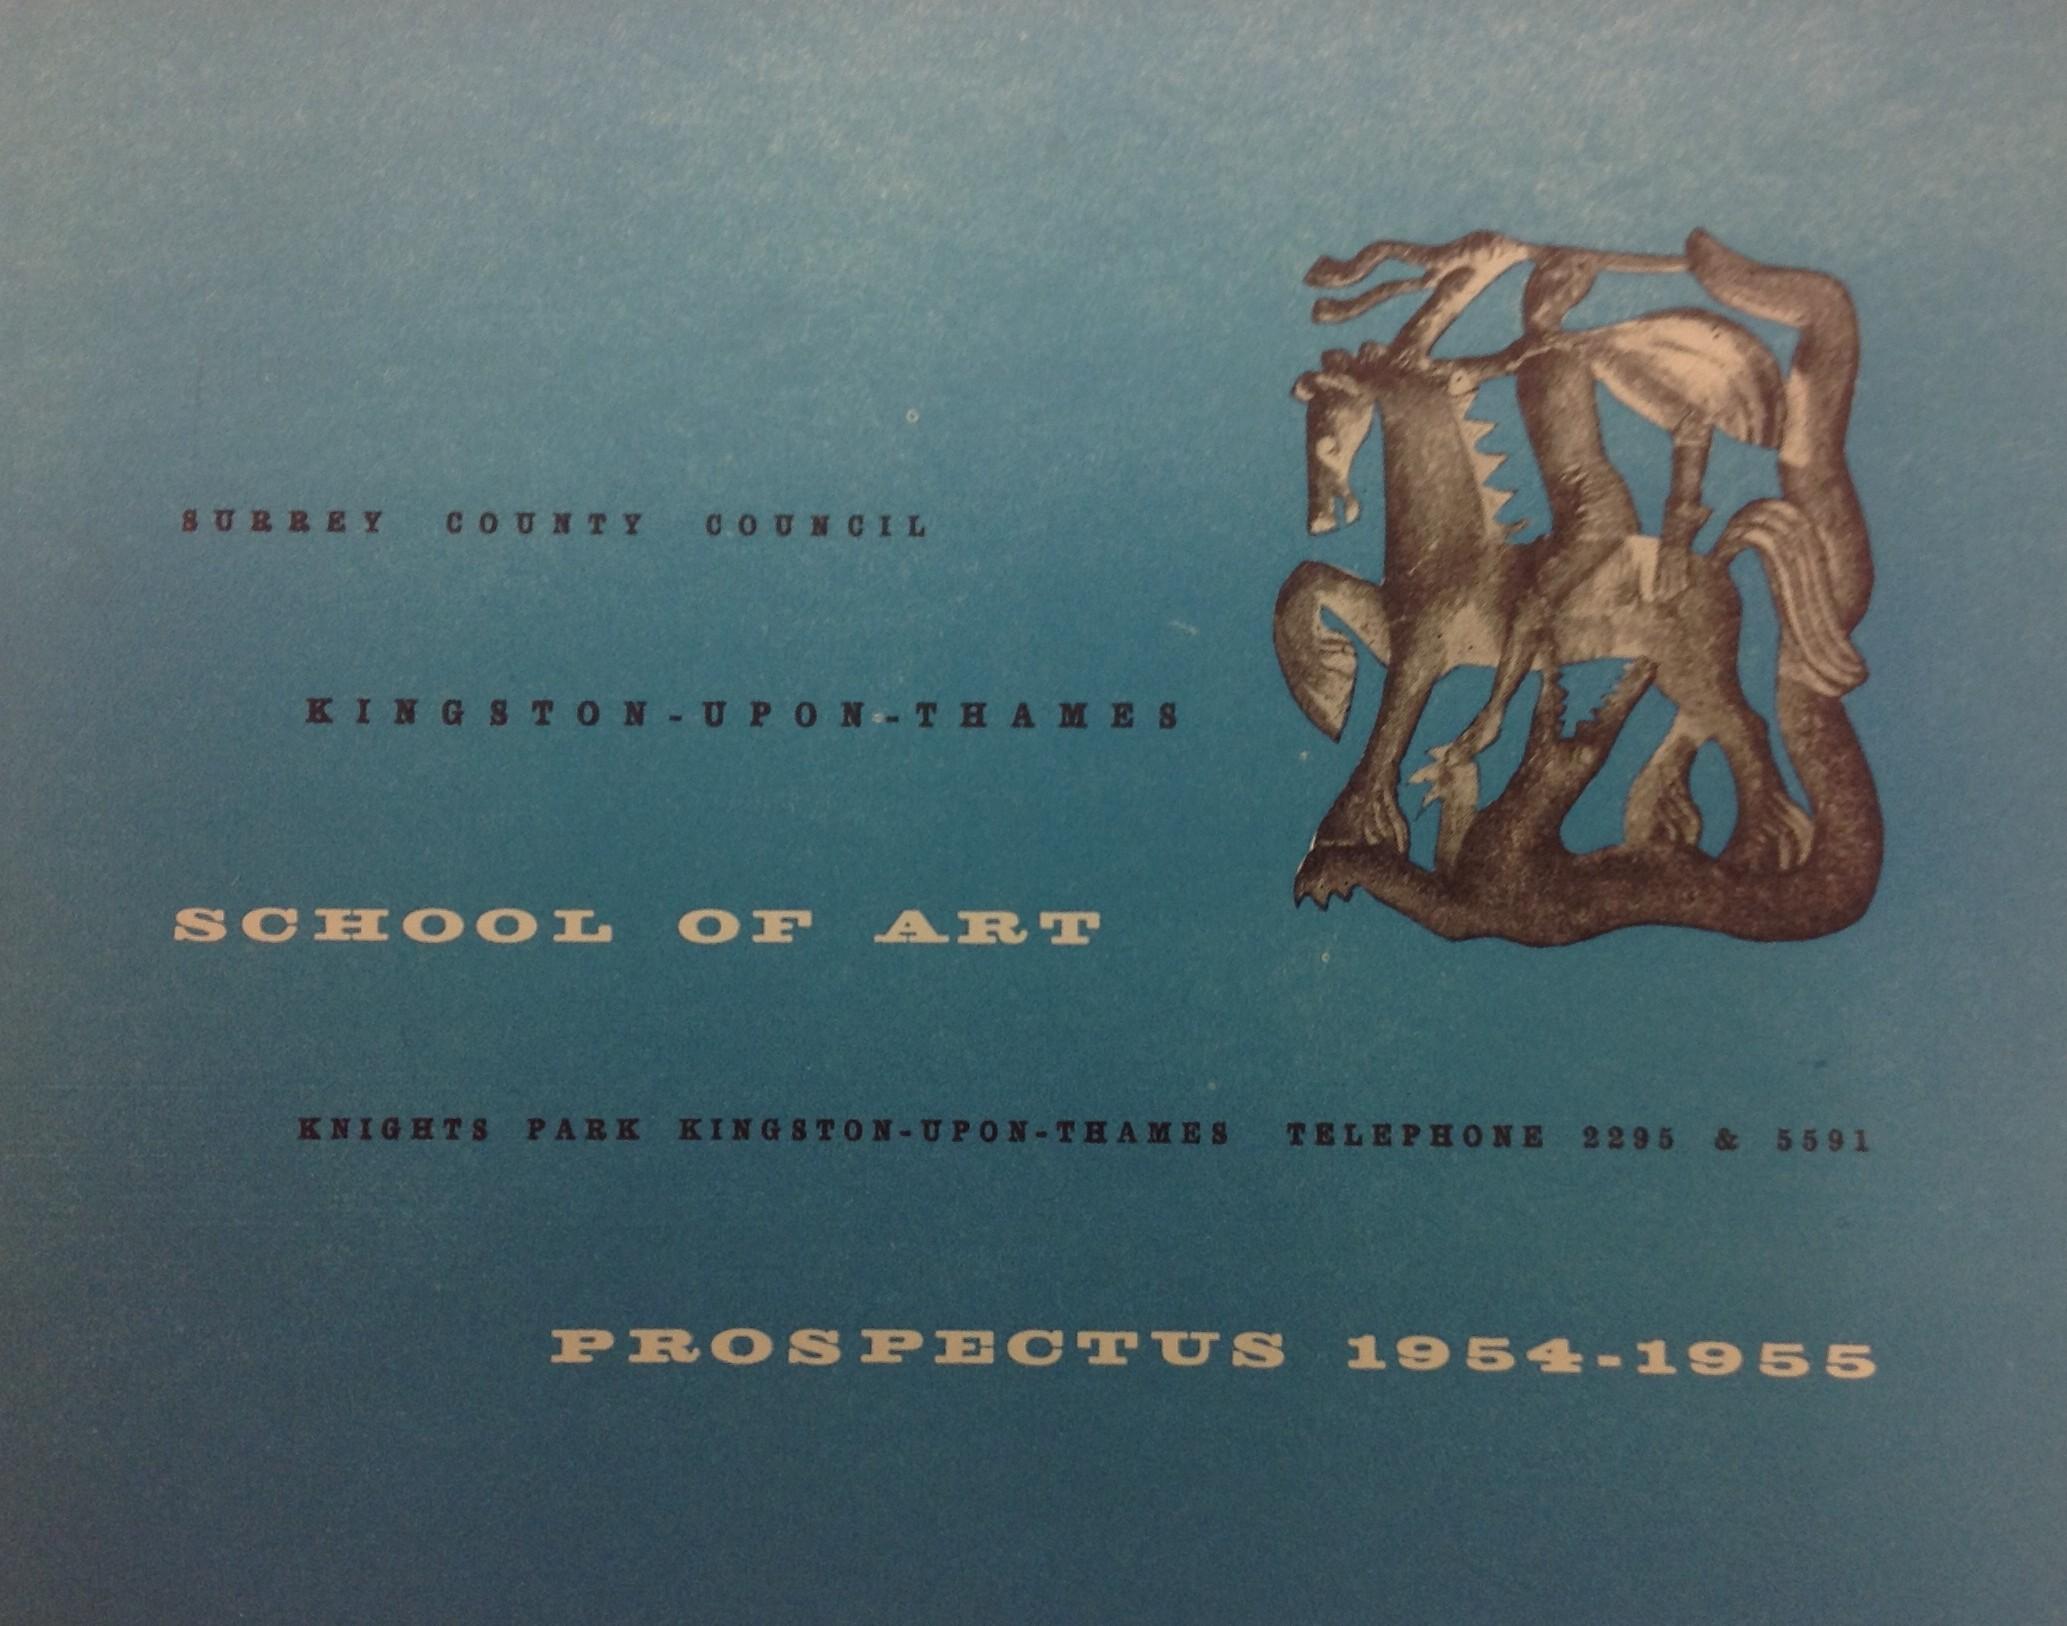 1954-1955 KSA Prospectus